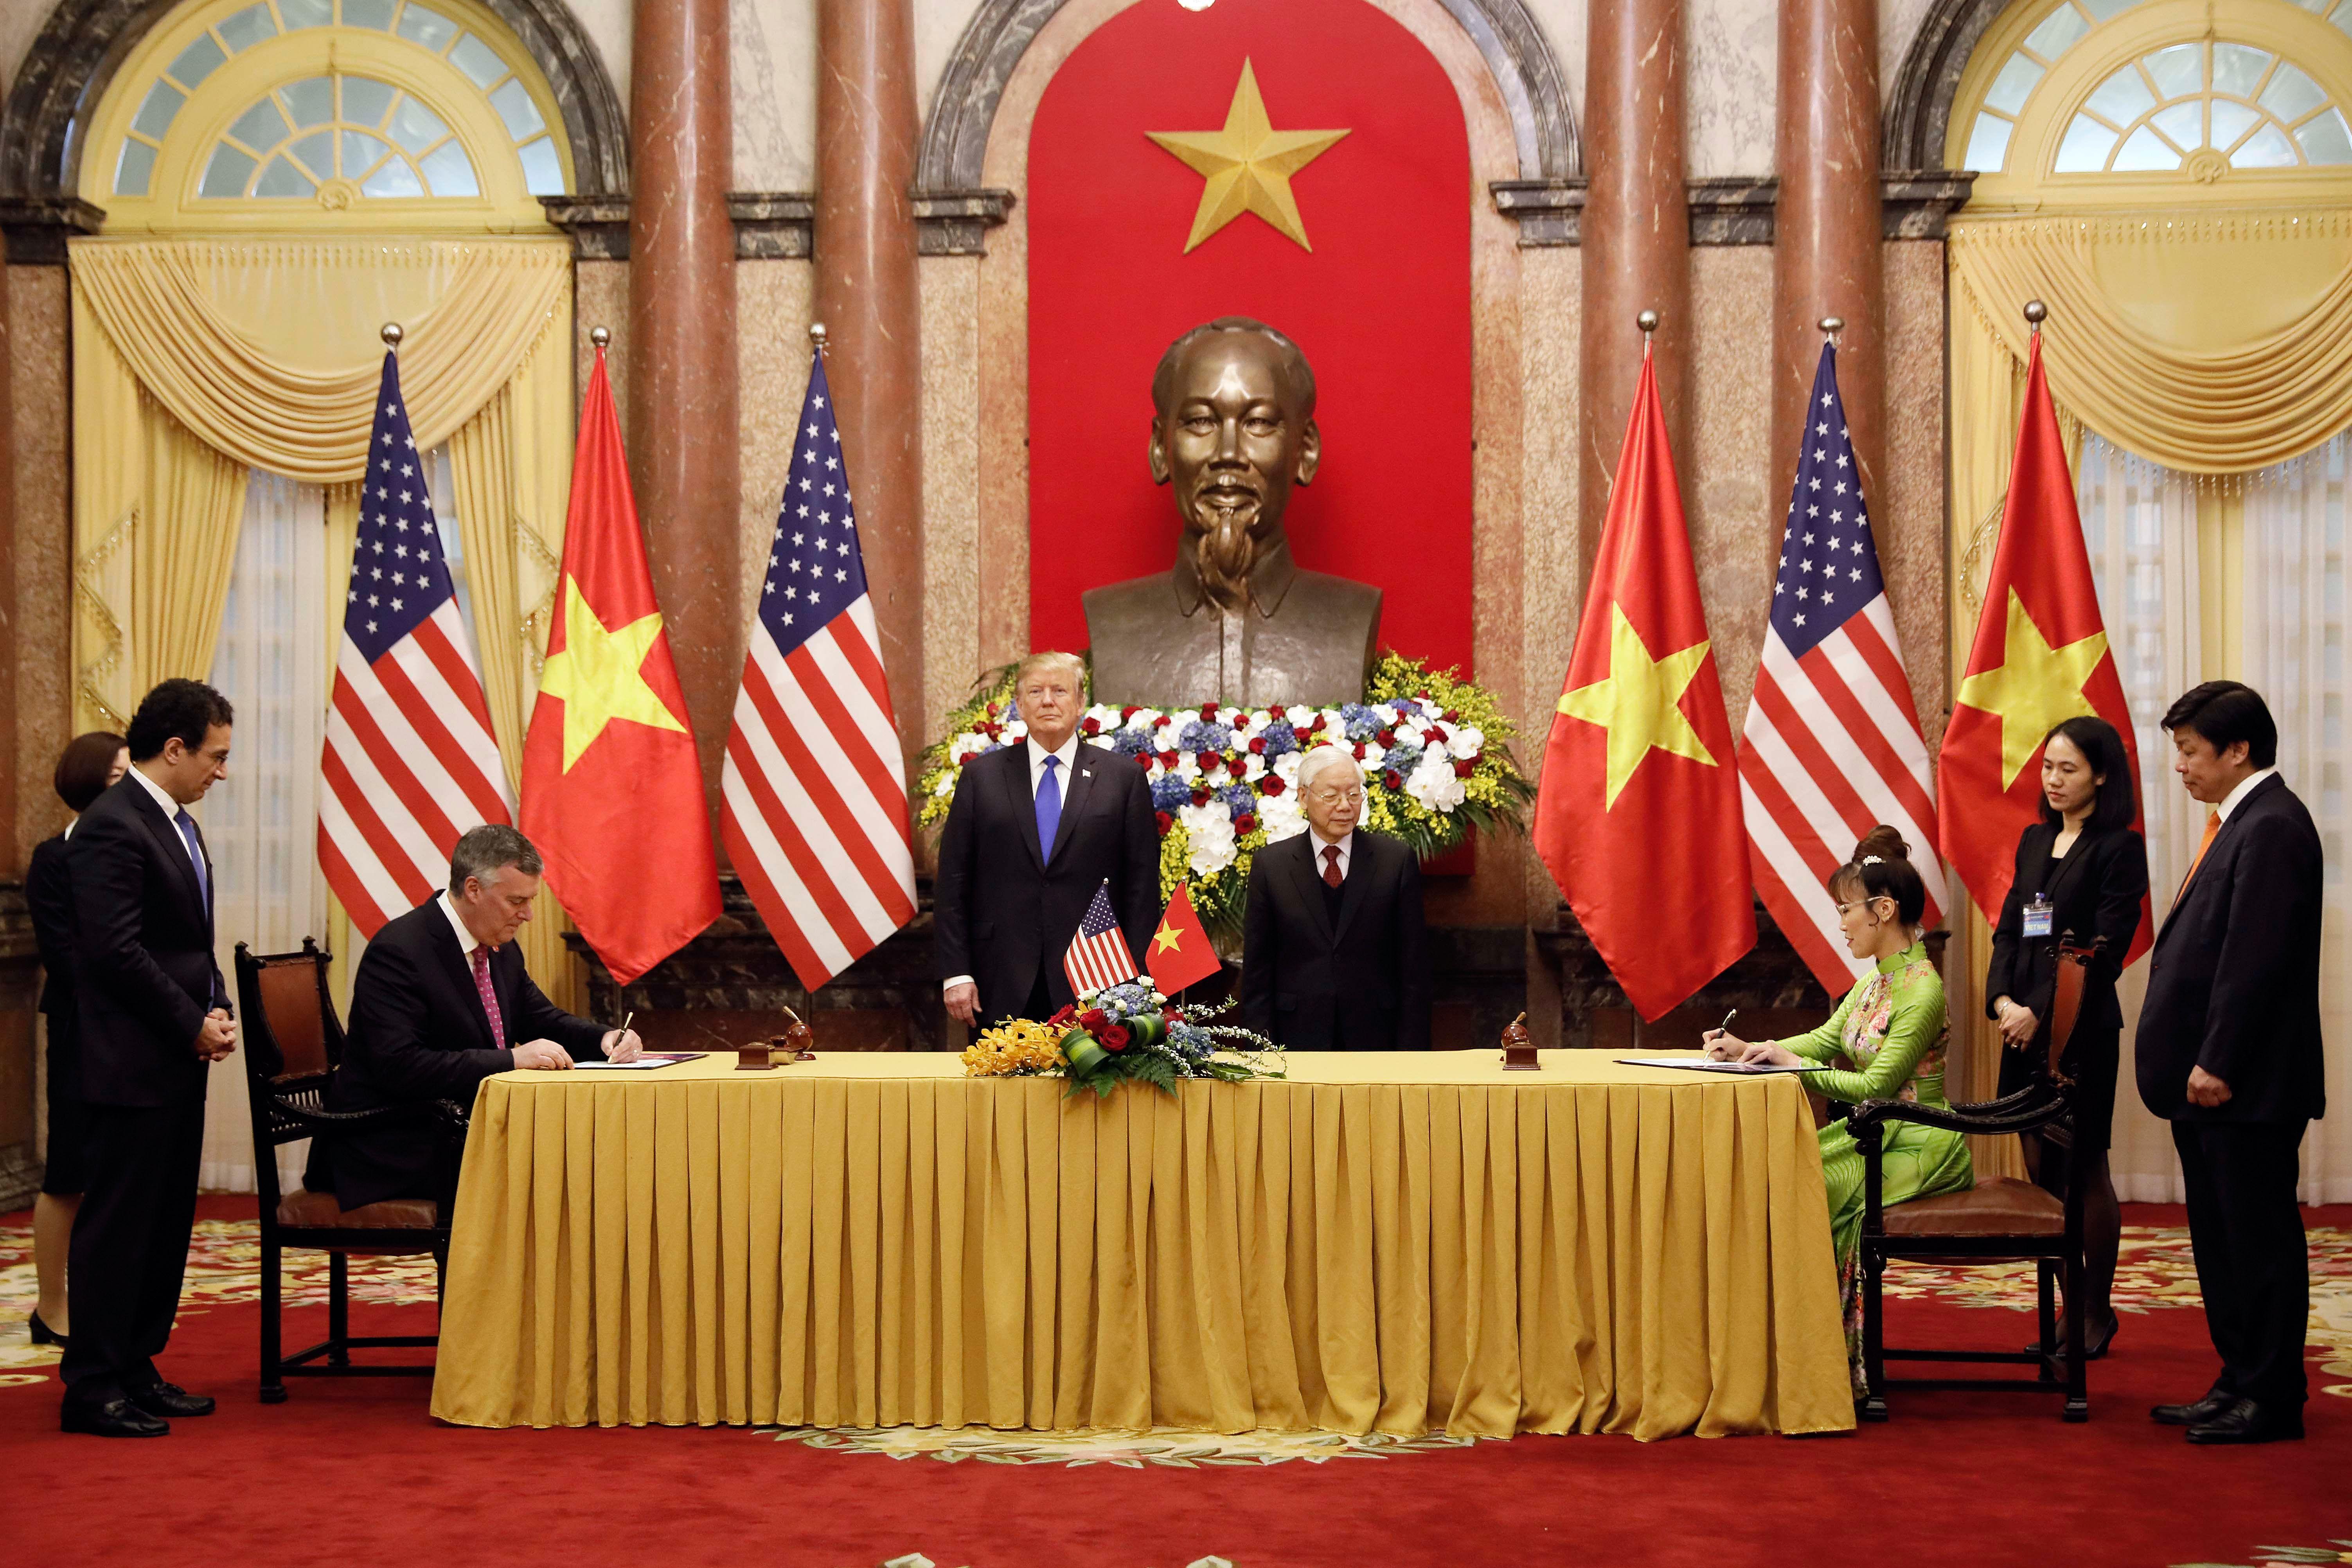 2019年2月27日,特金二會期間,越南航空公司與美國公司簽訂了超過210億美元的航空訂單和服務合同。(LUONG THAI LINH/AFP/Getty Images)